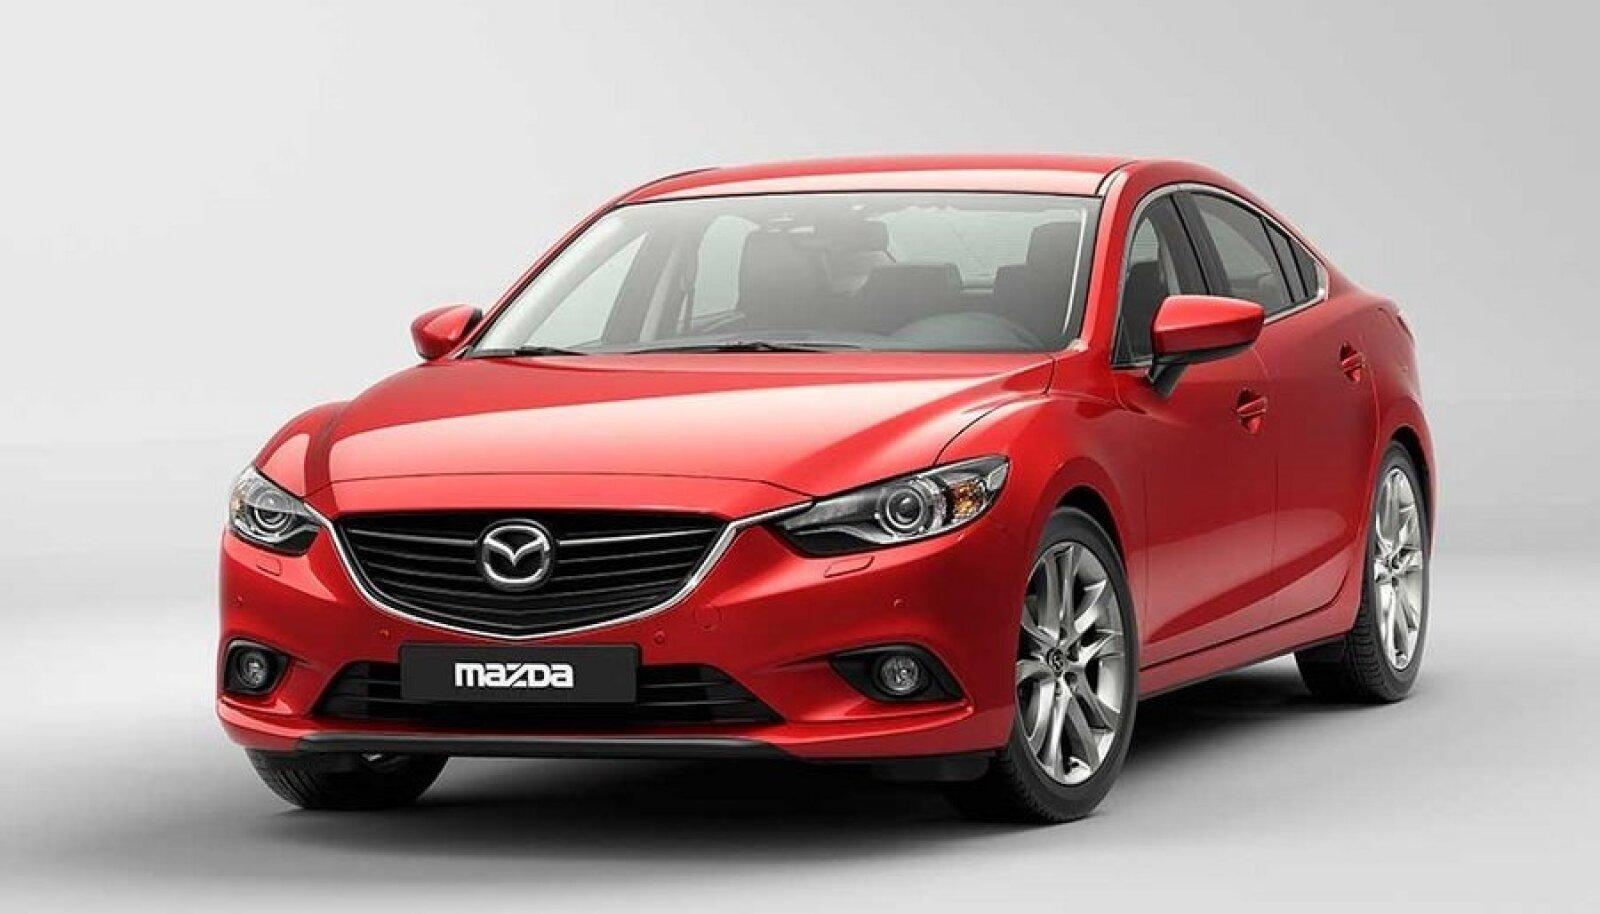 Uus Mazda 6 on päris kena tõesti, kuid siinsest heas mõttes rahvaauto mainest vabanemiseks pelgalt disainist ei piisa.